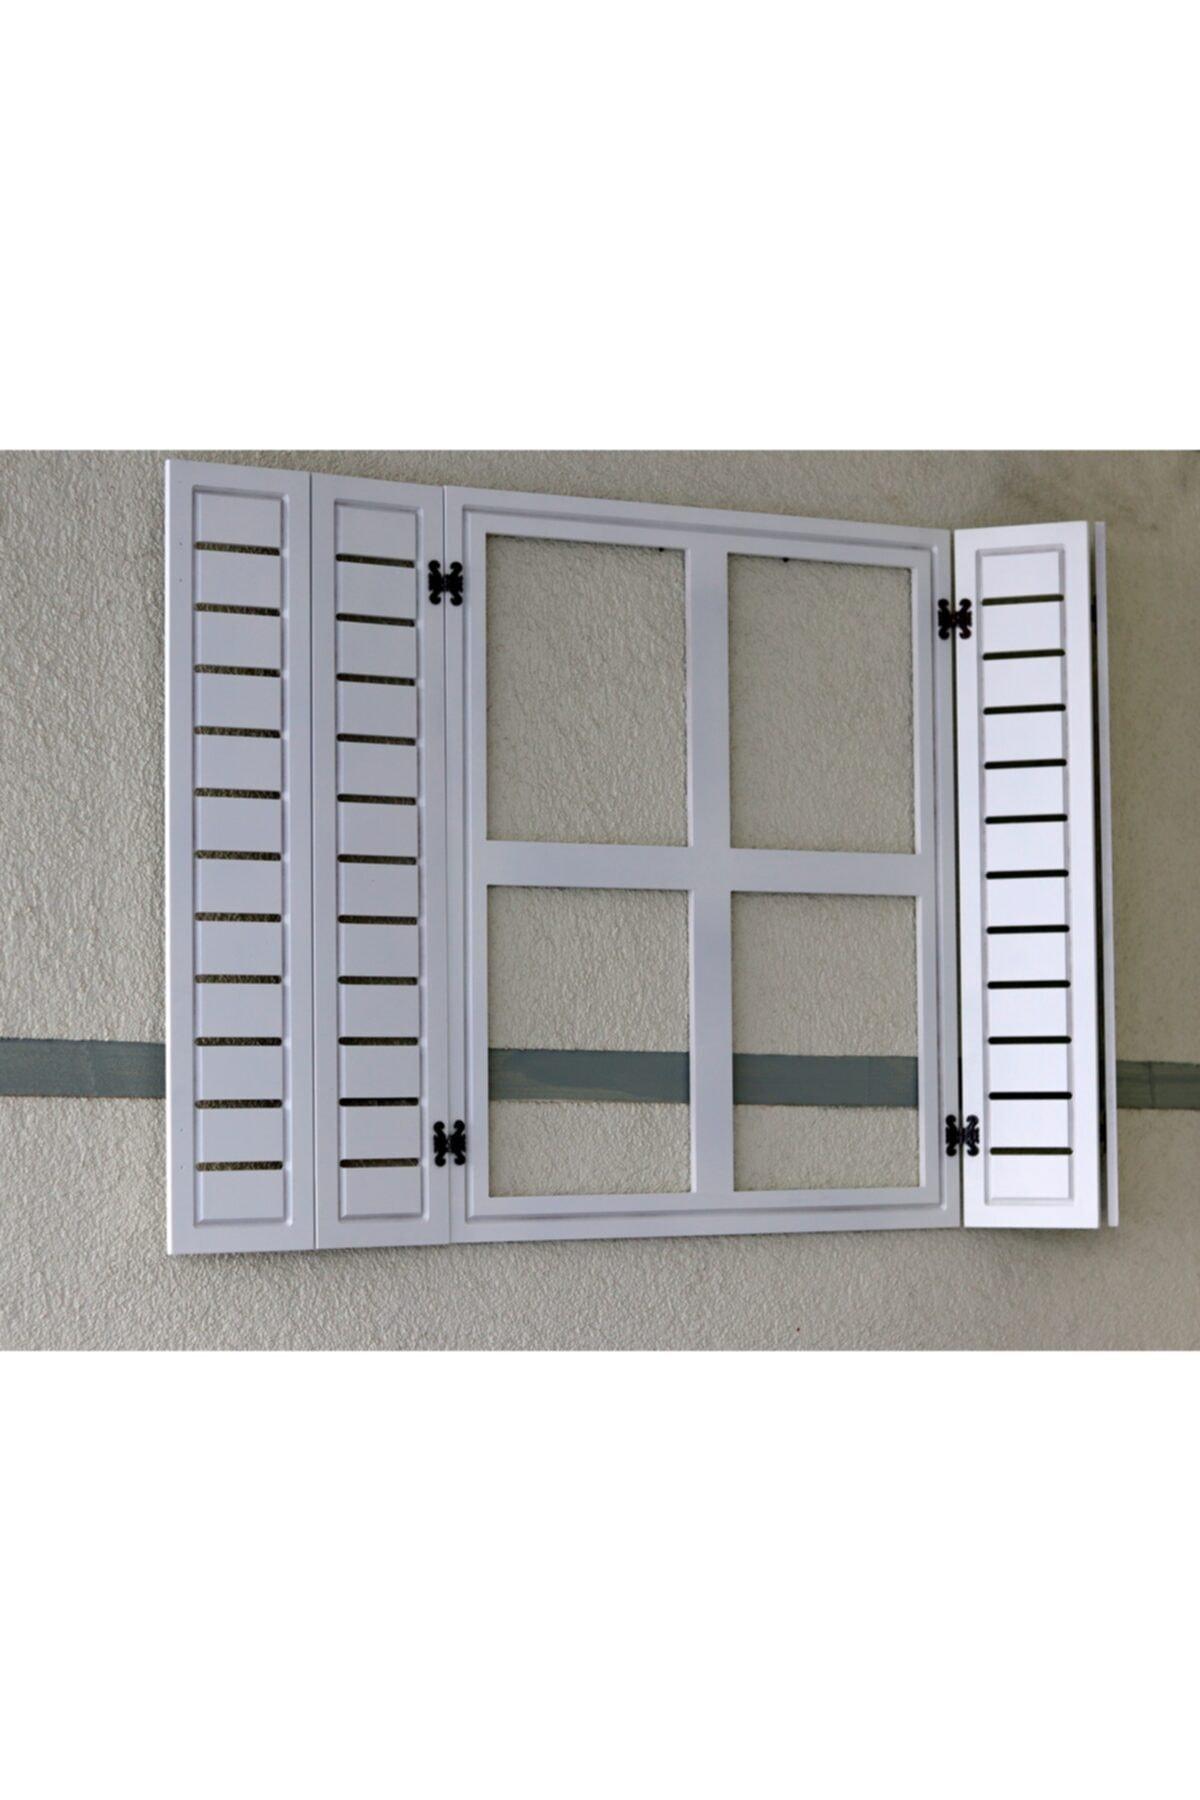 noylens Dekor Panjur Ahşap Pencere Model Aynalık Hediyelik Bahçe Oyuncak Duvar Süsü Çocuk Odası Dekor 2